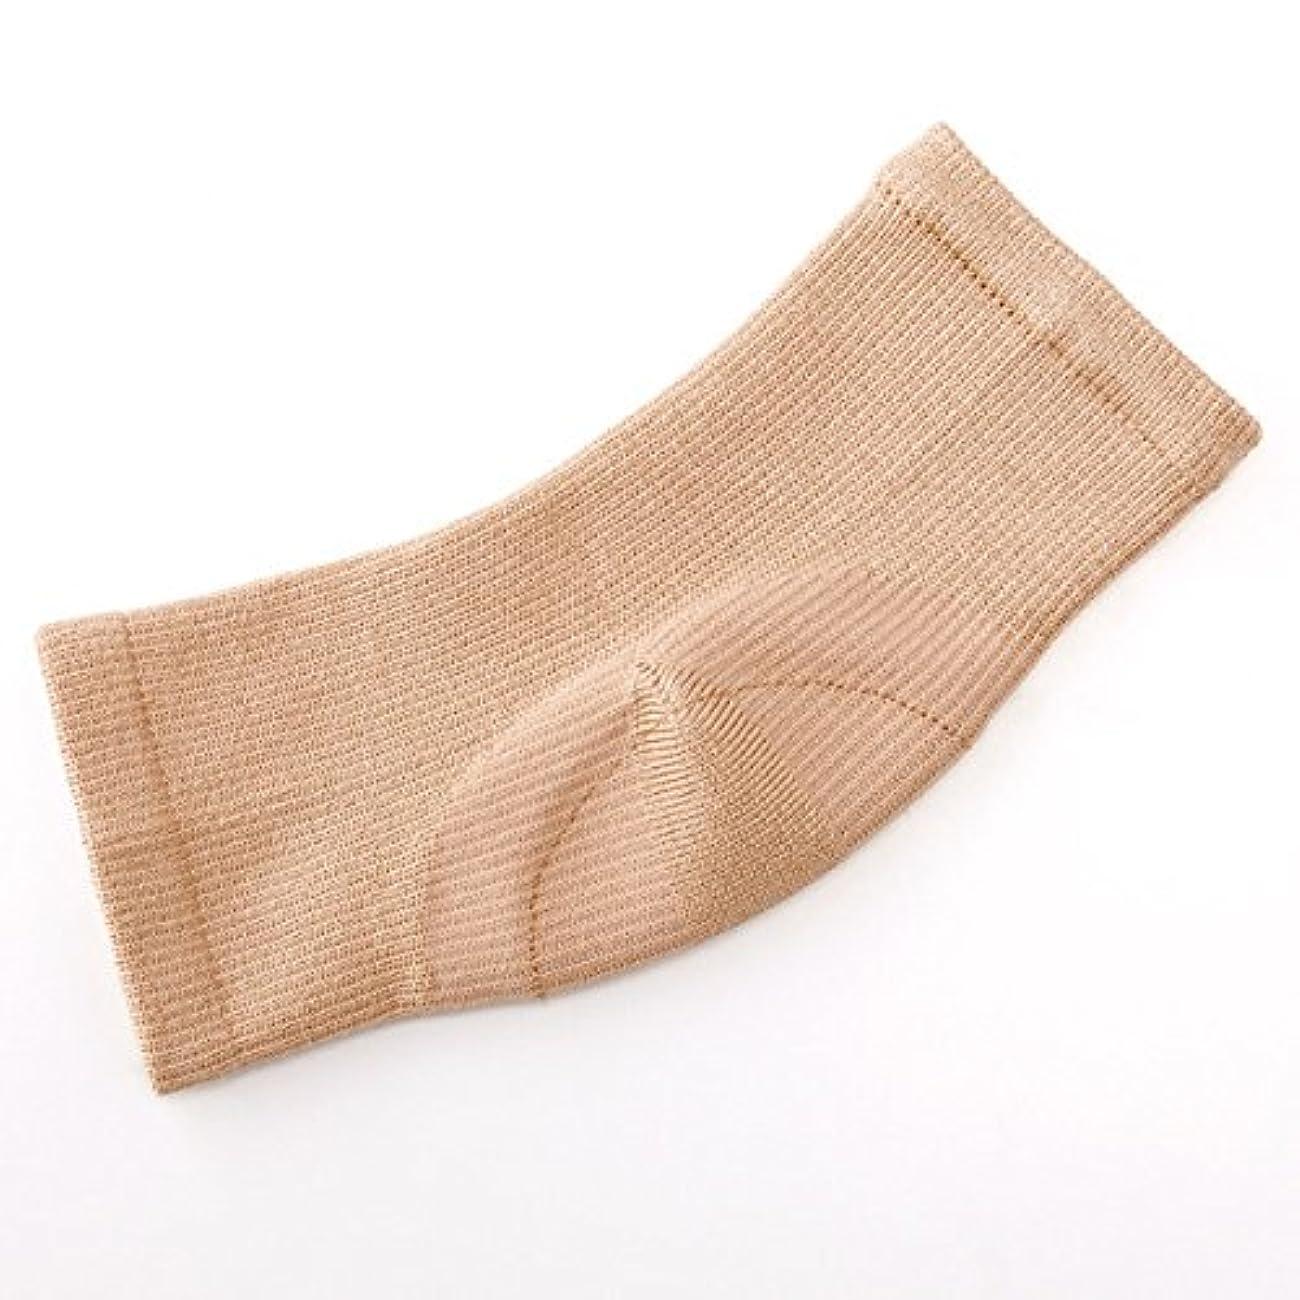 気候このすることになっているシルク混かかと足裏つるるん シルク混 フットカバー かかと 保湿 フットケア 靴下